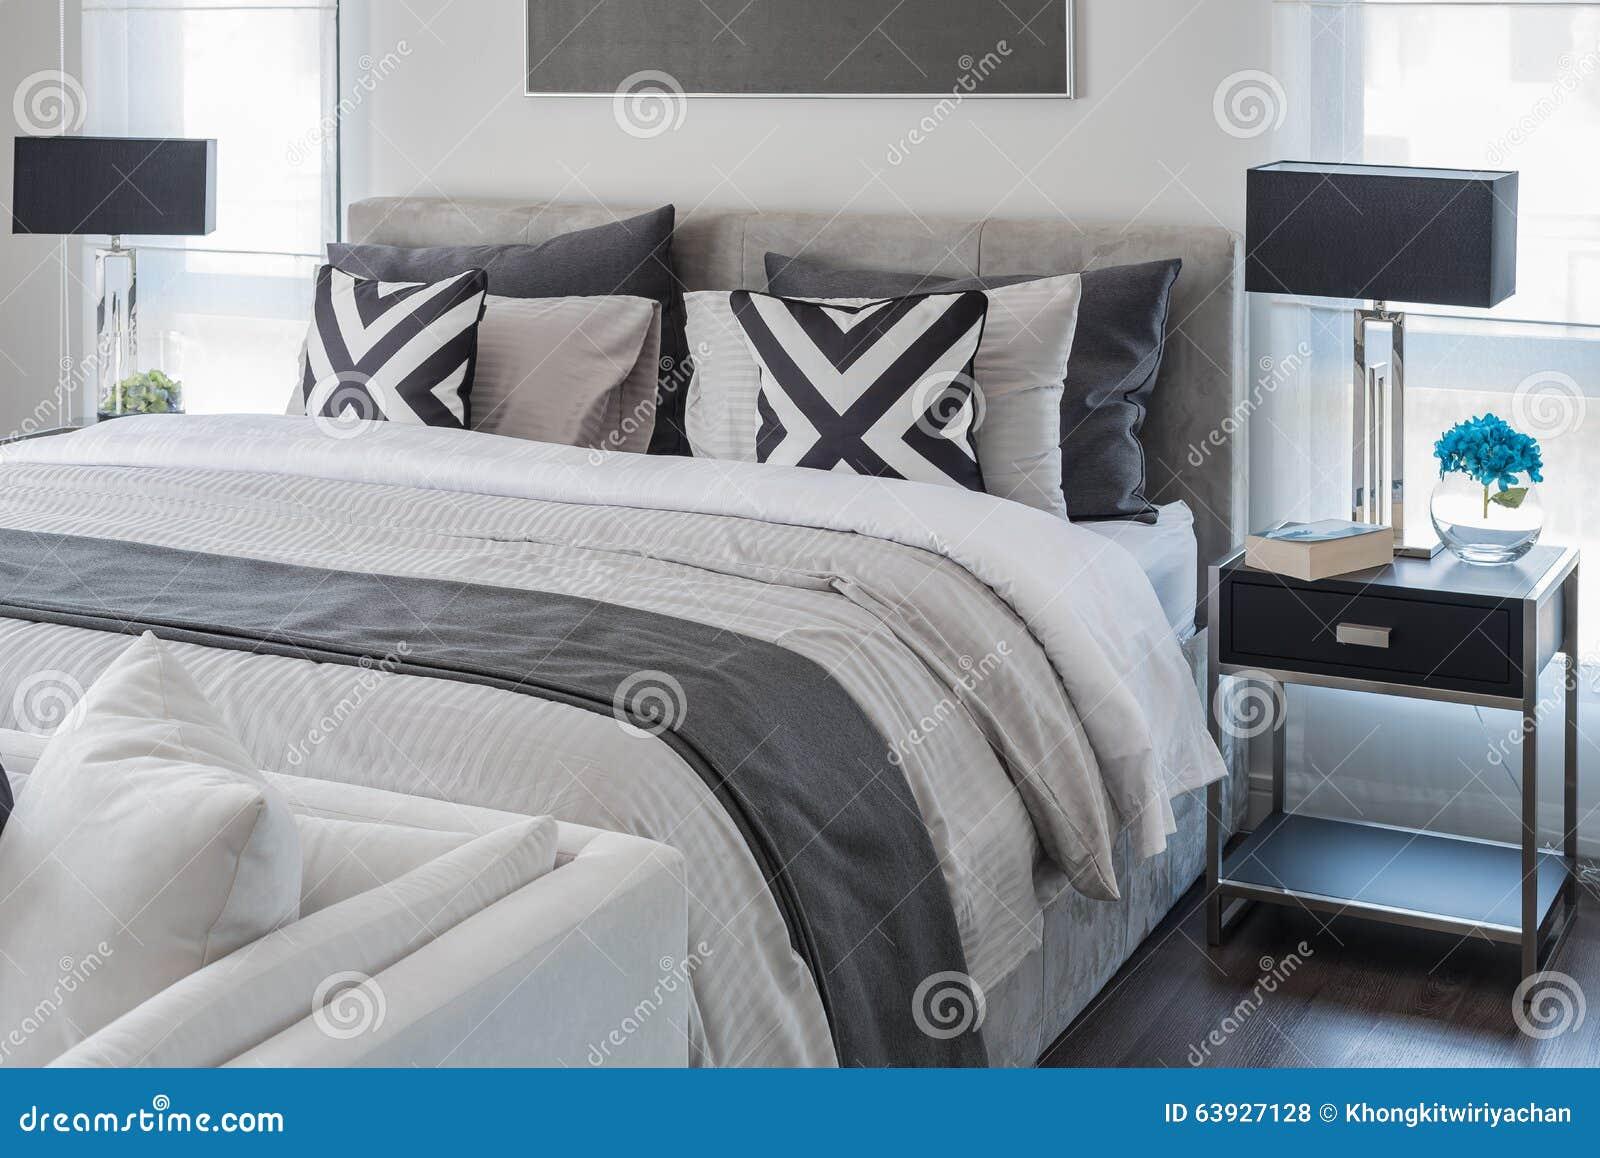 Nowożytna Sypialnia Z Białym łóżkiem I Czarną Lampą Zdjęcie